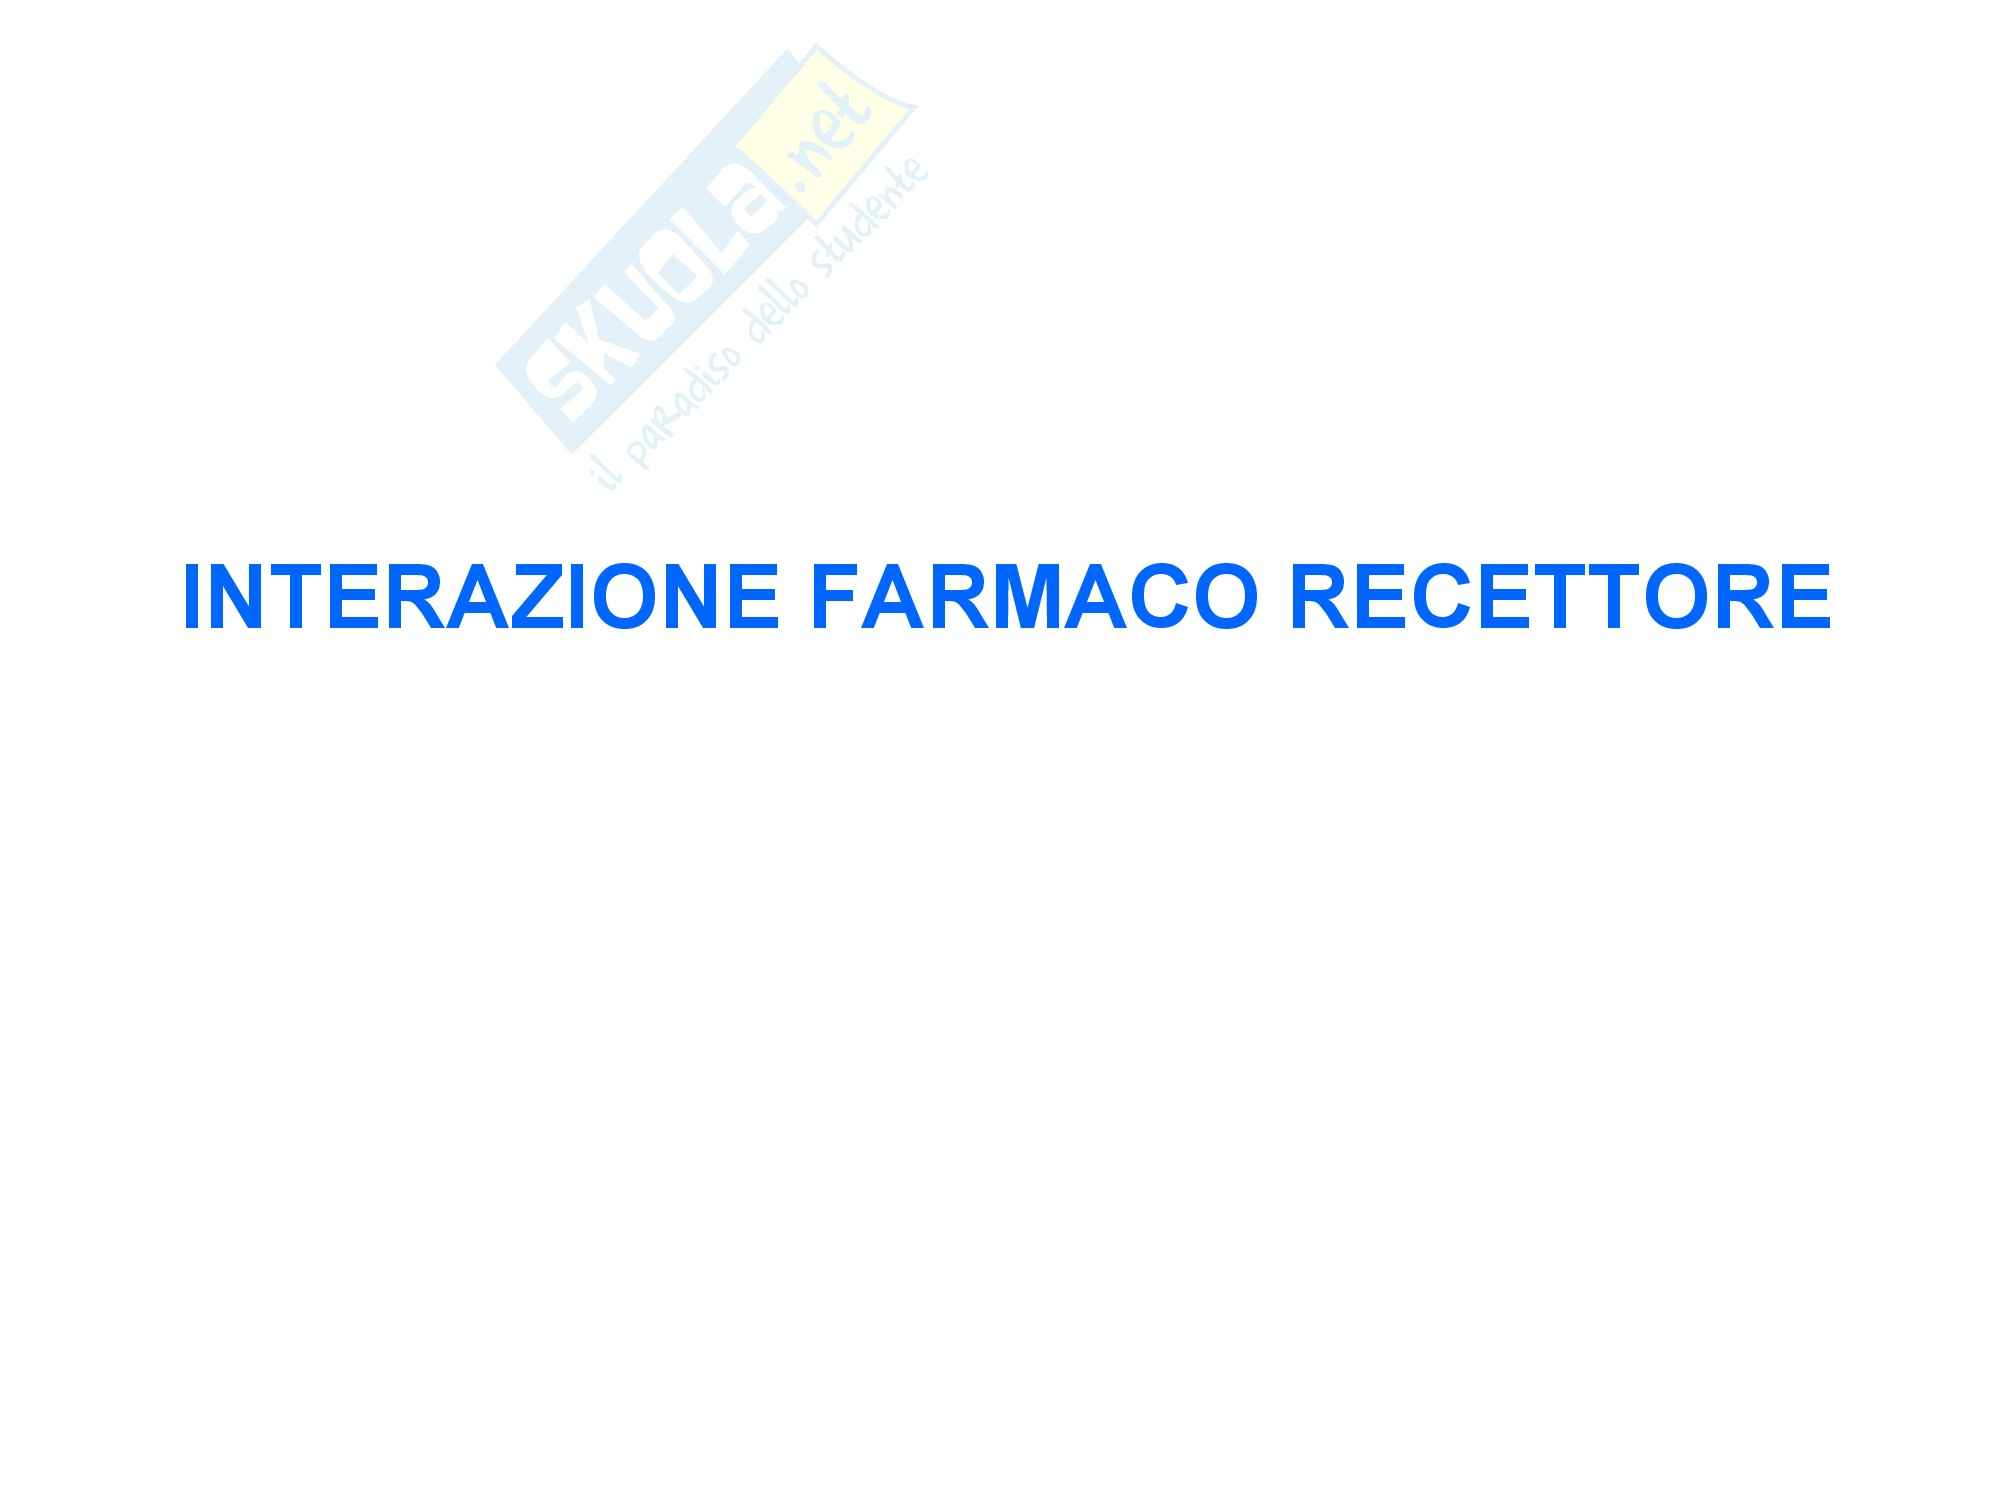 Interazione farmaco recettore